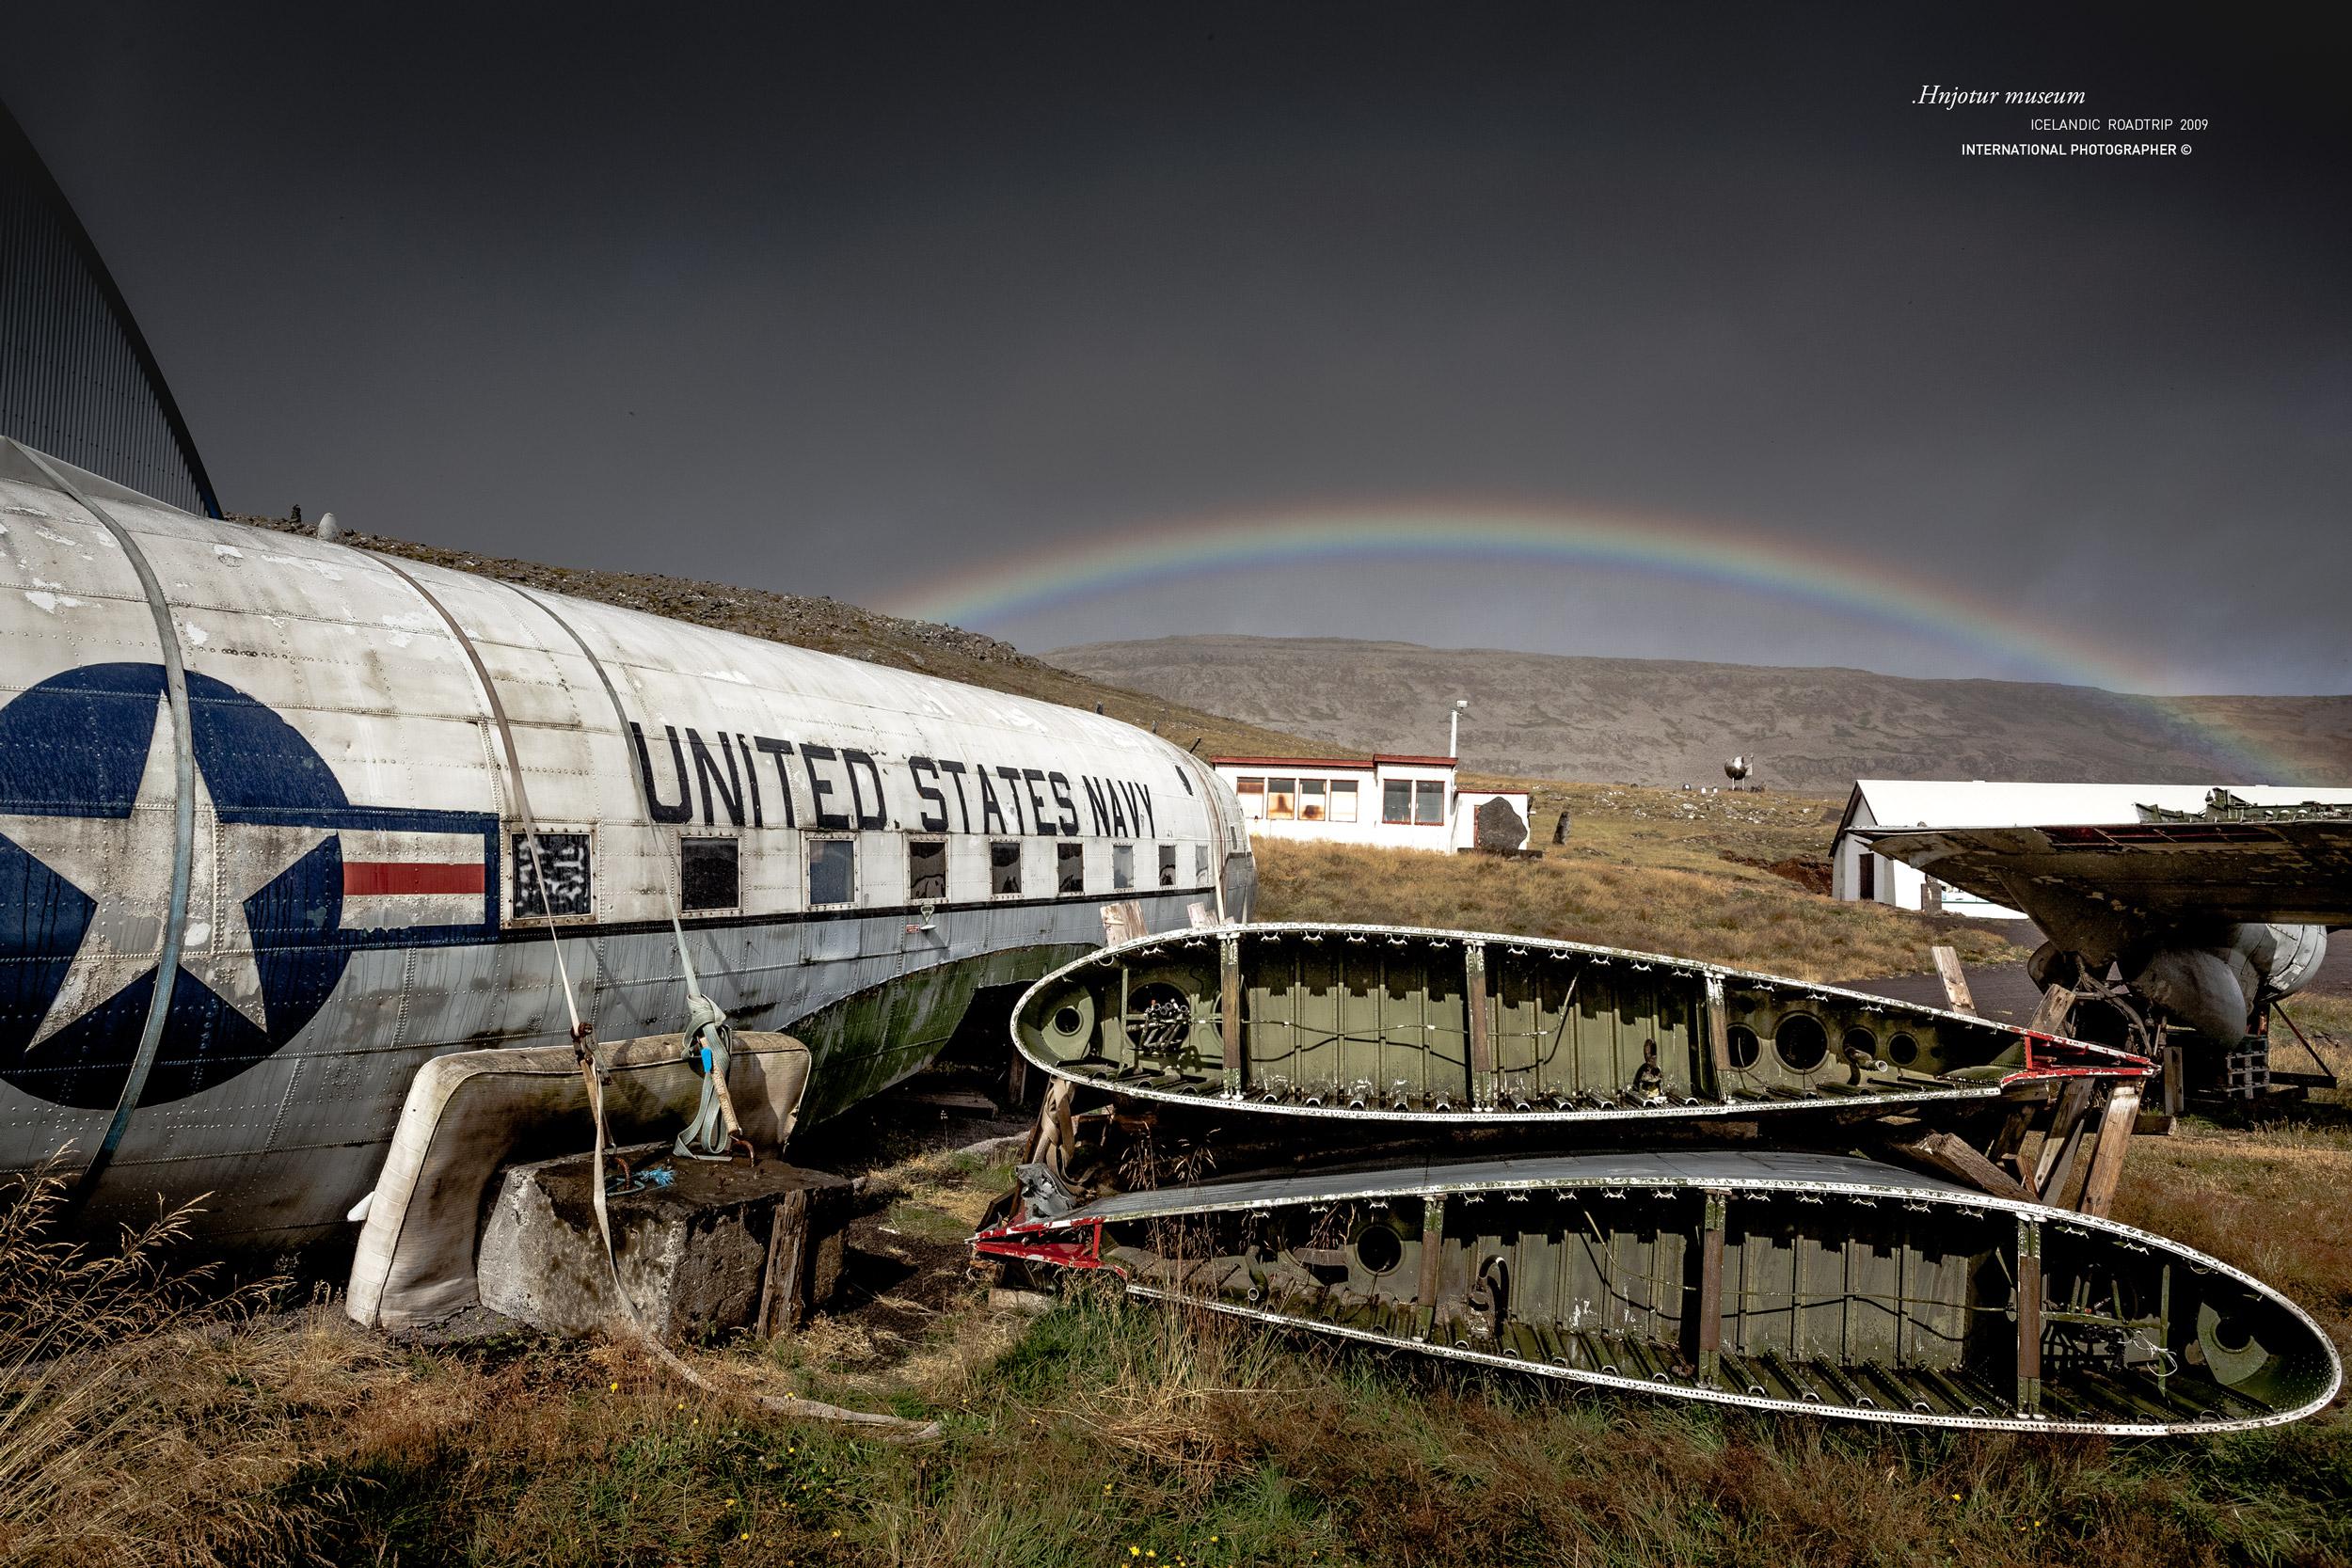 Le musée de Hnjotur et ses vieux avions